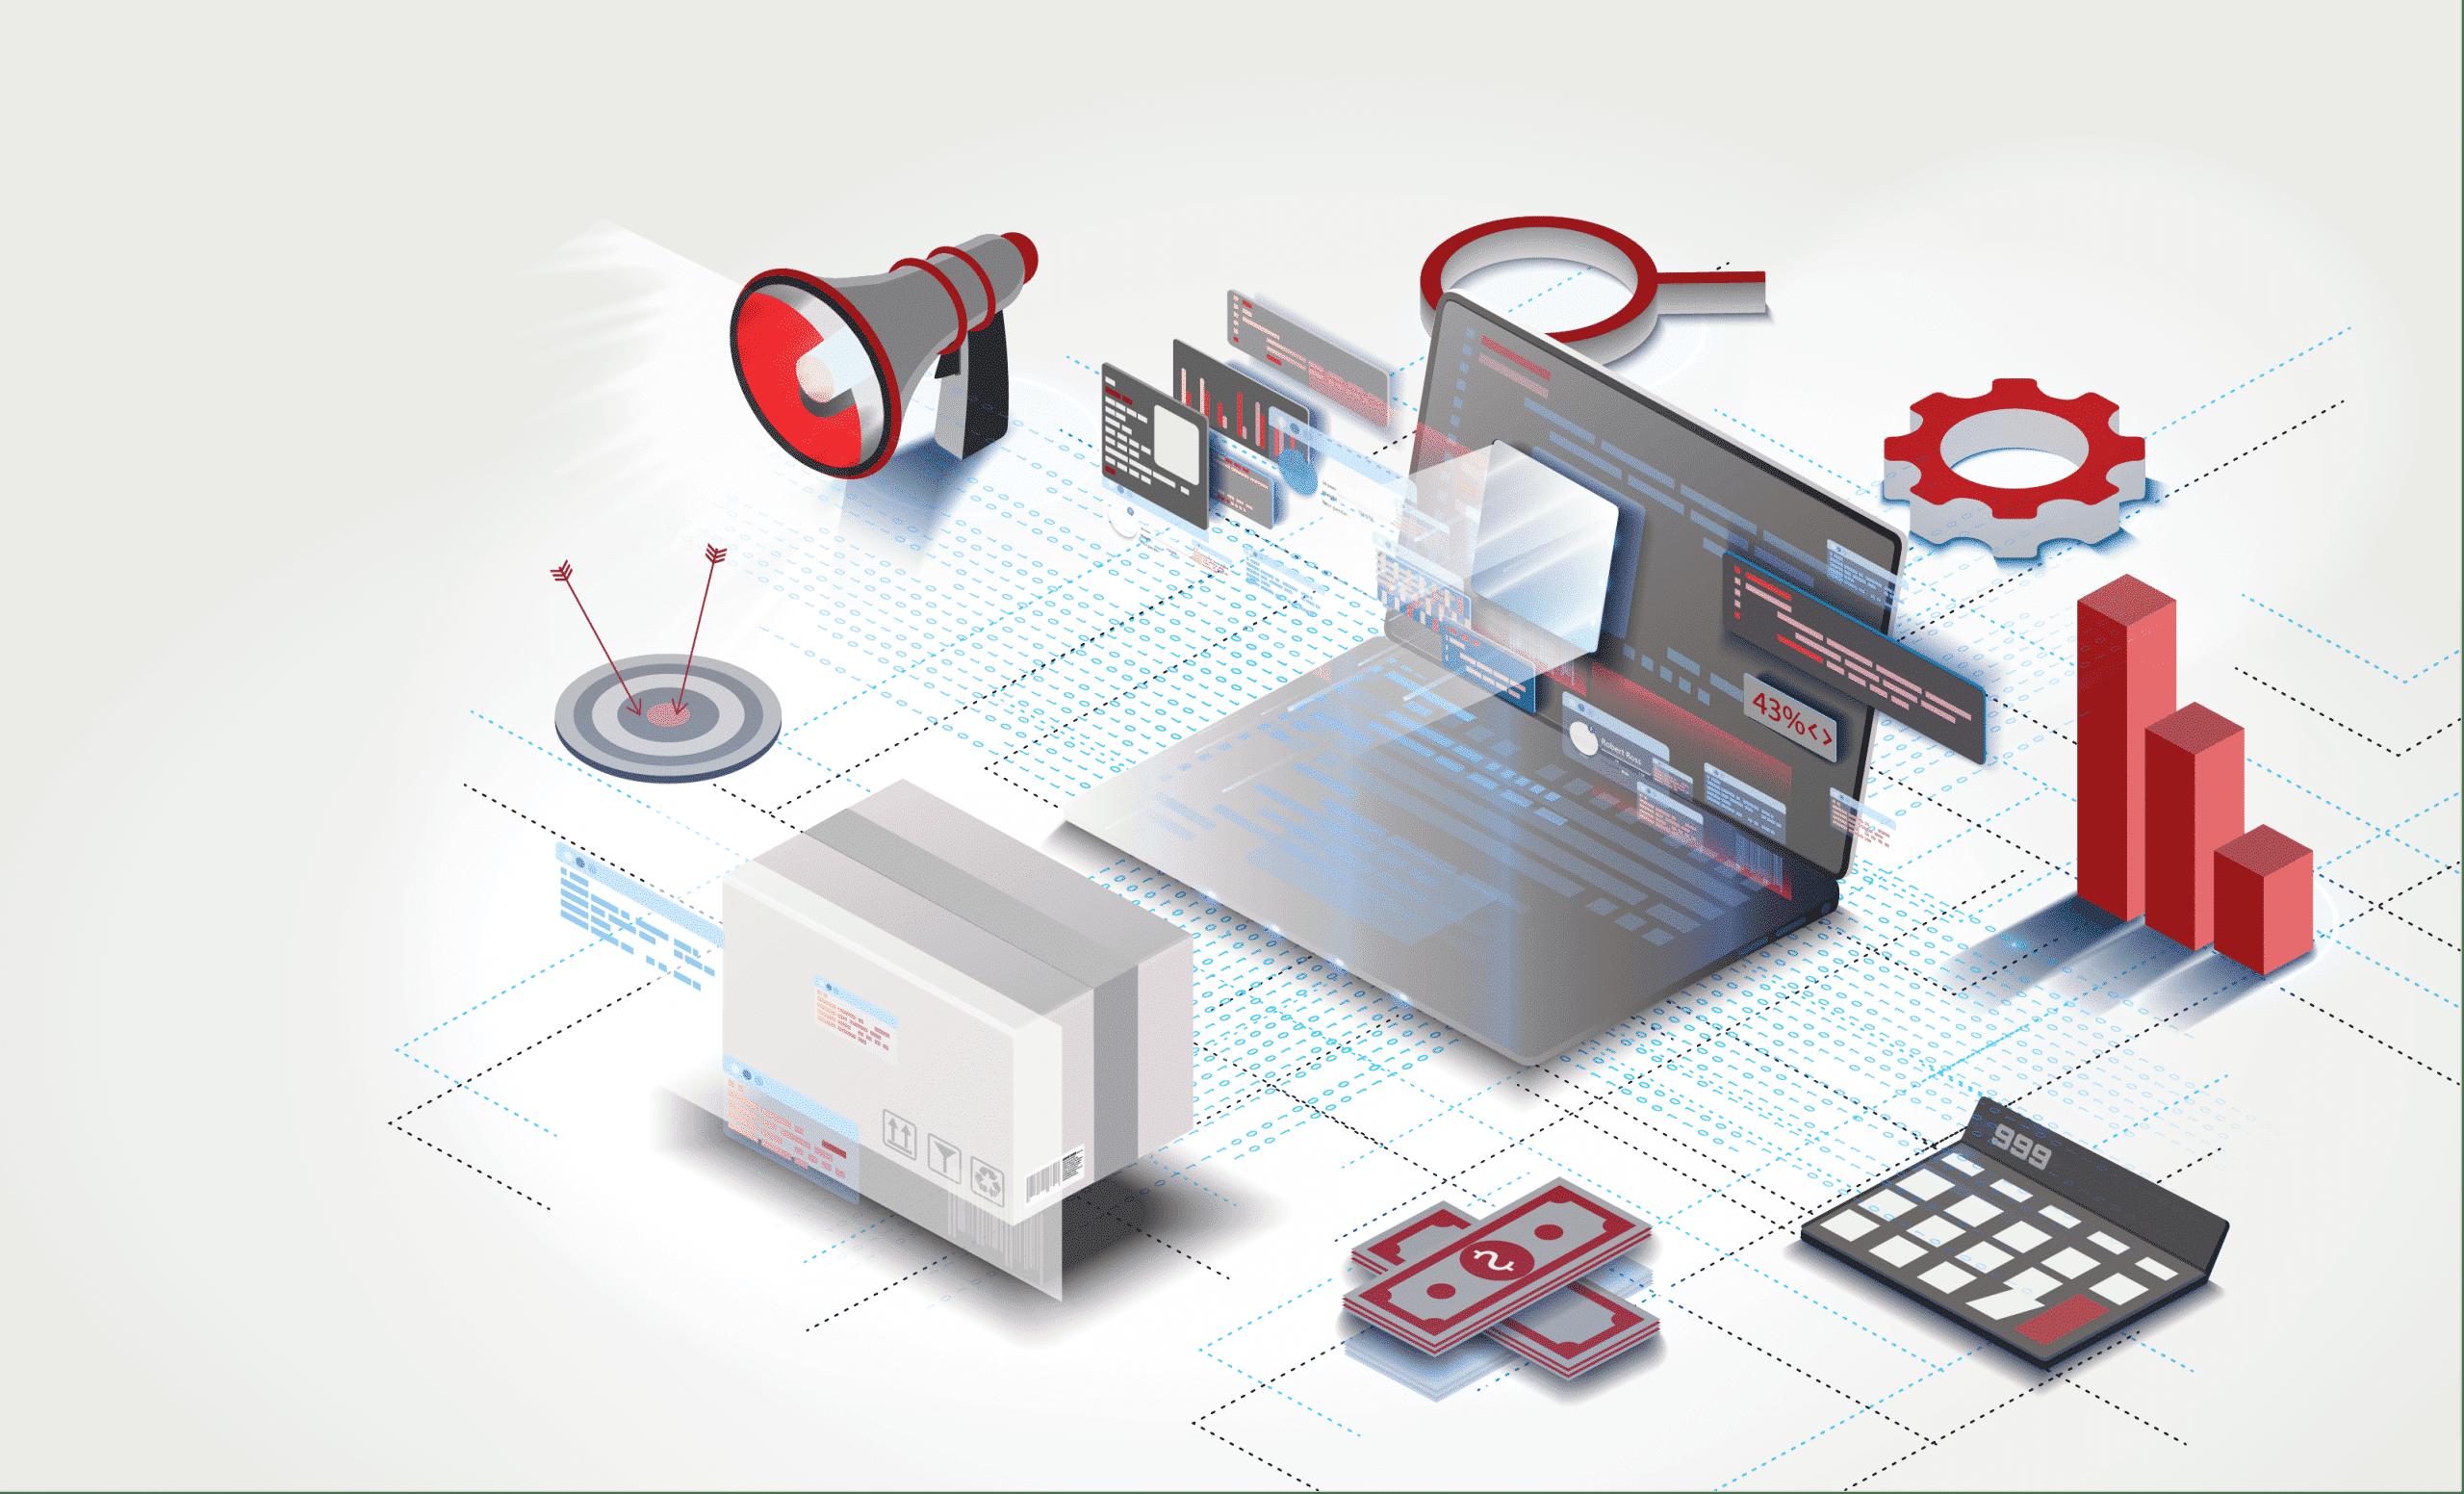 Mit der intelligenten Software von redPILOT können bestehende Ressourcen optimal verwaltet und die Effizienz gesteigert werden.